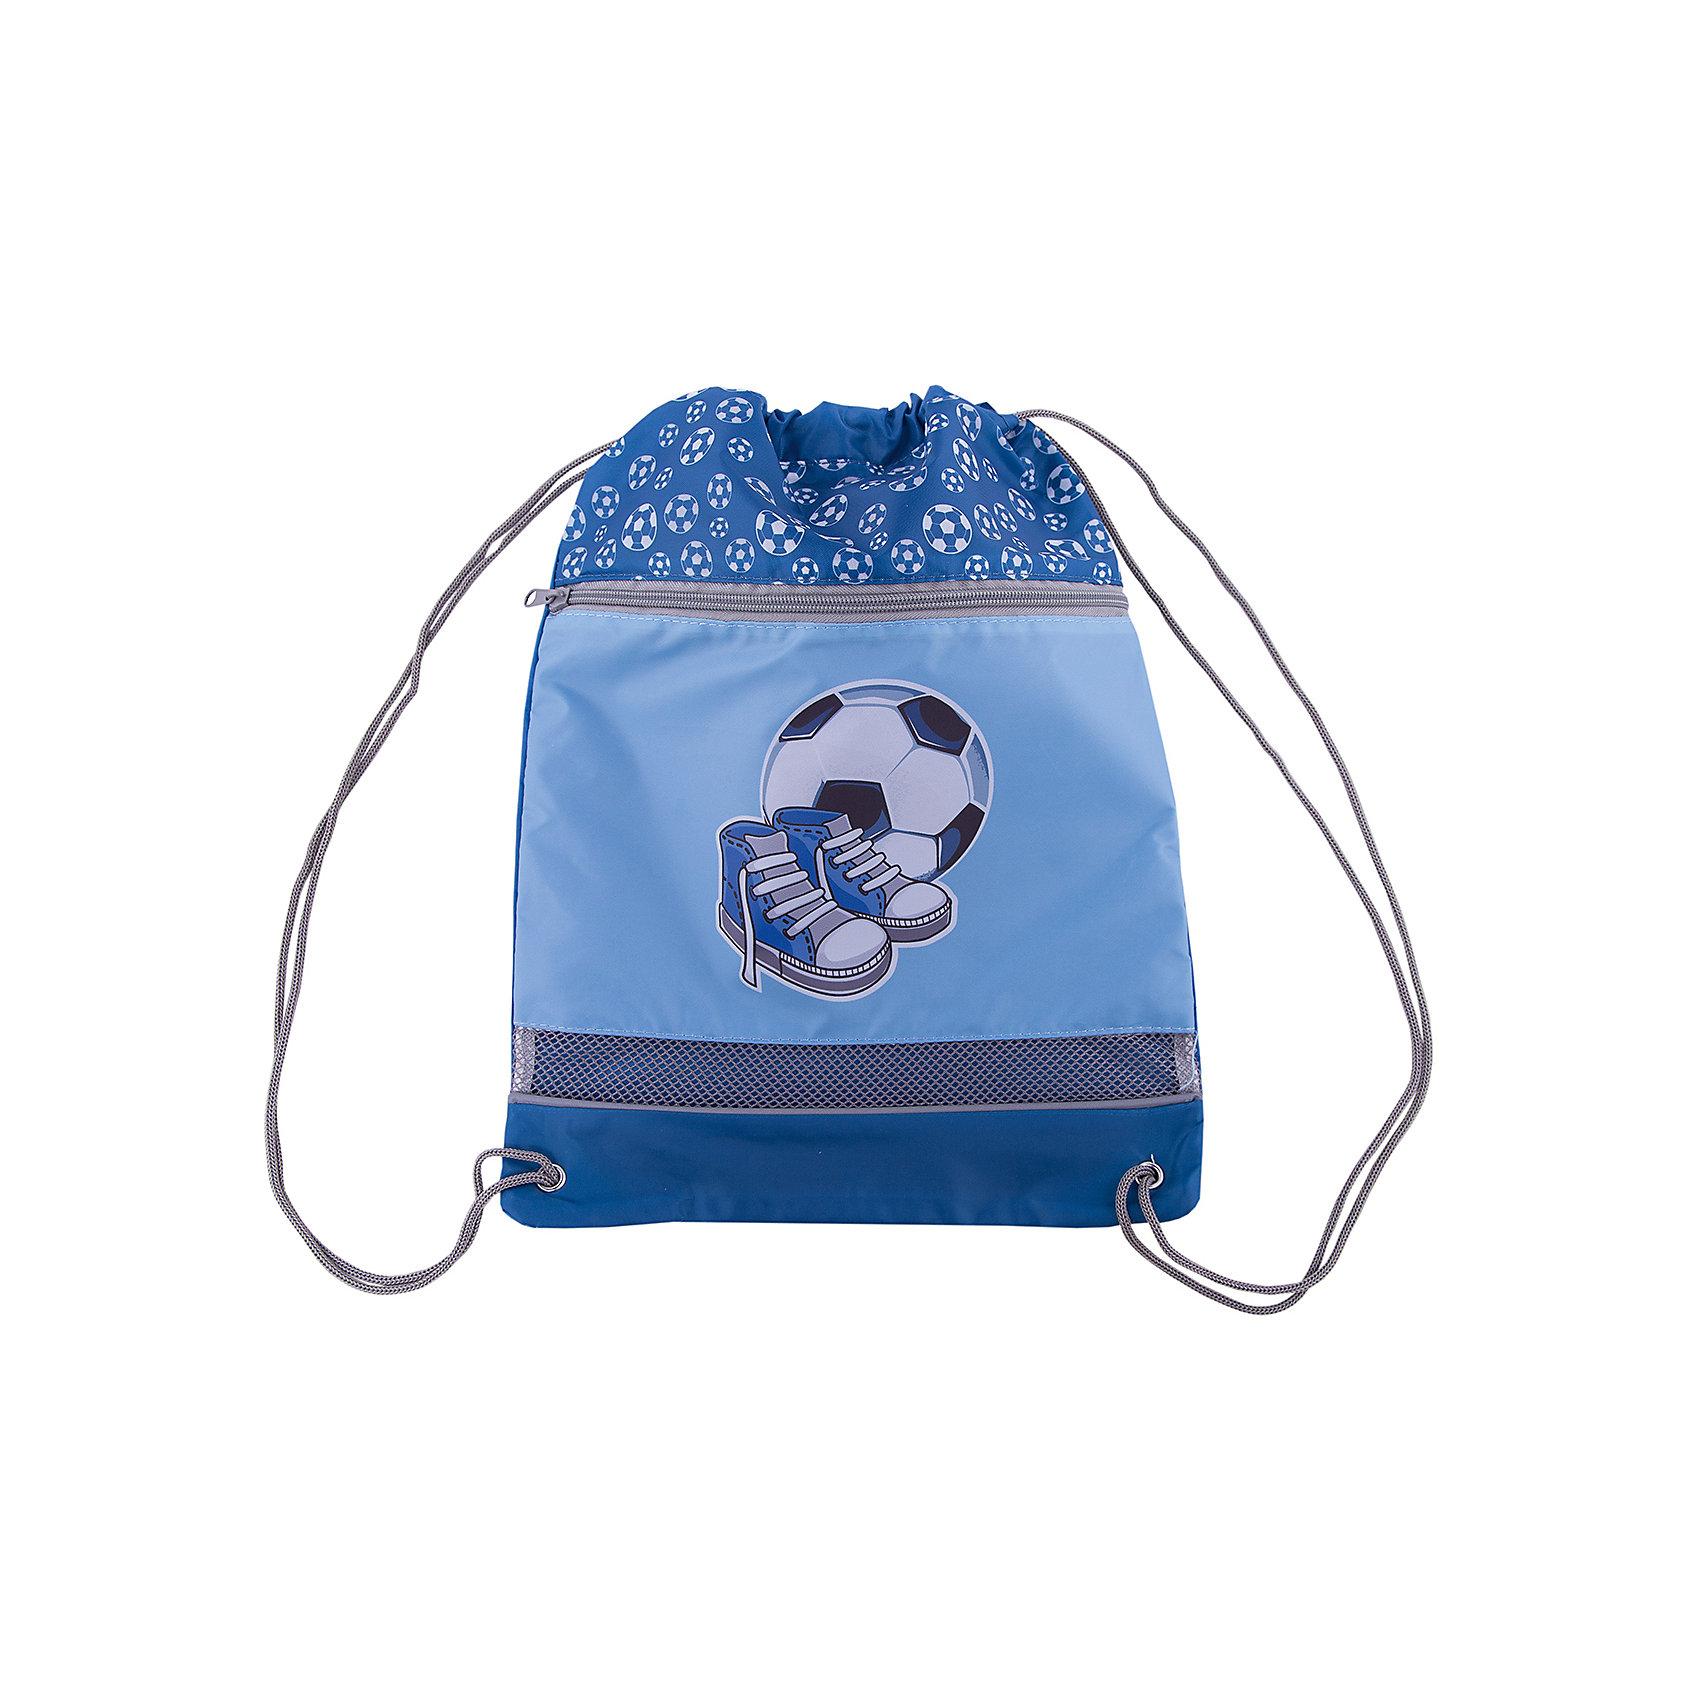 Мешок-рюкзак Спорт 30*40 см.Мешки для обуви<br>Мешок-рюкзак украшен принтом в виде спортивной атрибутики и поможет мигом настроиться на нужный спортивный лад. В мешок можно поместить тренировочную обувь или форму. Отделение рюкзака затягивается веревками, а также сверху располагается дополнительная застежка-молния. В нижней части мешка Спорт имеется вставка из сеточки, которая обеспечит хорошую циркуляцию воздуха внутри рюкзака.<br><br>Ширина мм: 300<br>Глубина мм: 400<br>Высота мм: 100<br>Вес г: 60<br>Возраст от месяцев: 36<br>Возраст до месяцев: 2147483647<br>Пол: Мужской<br>Возраст: Детский<br>SKU: 5508535